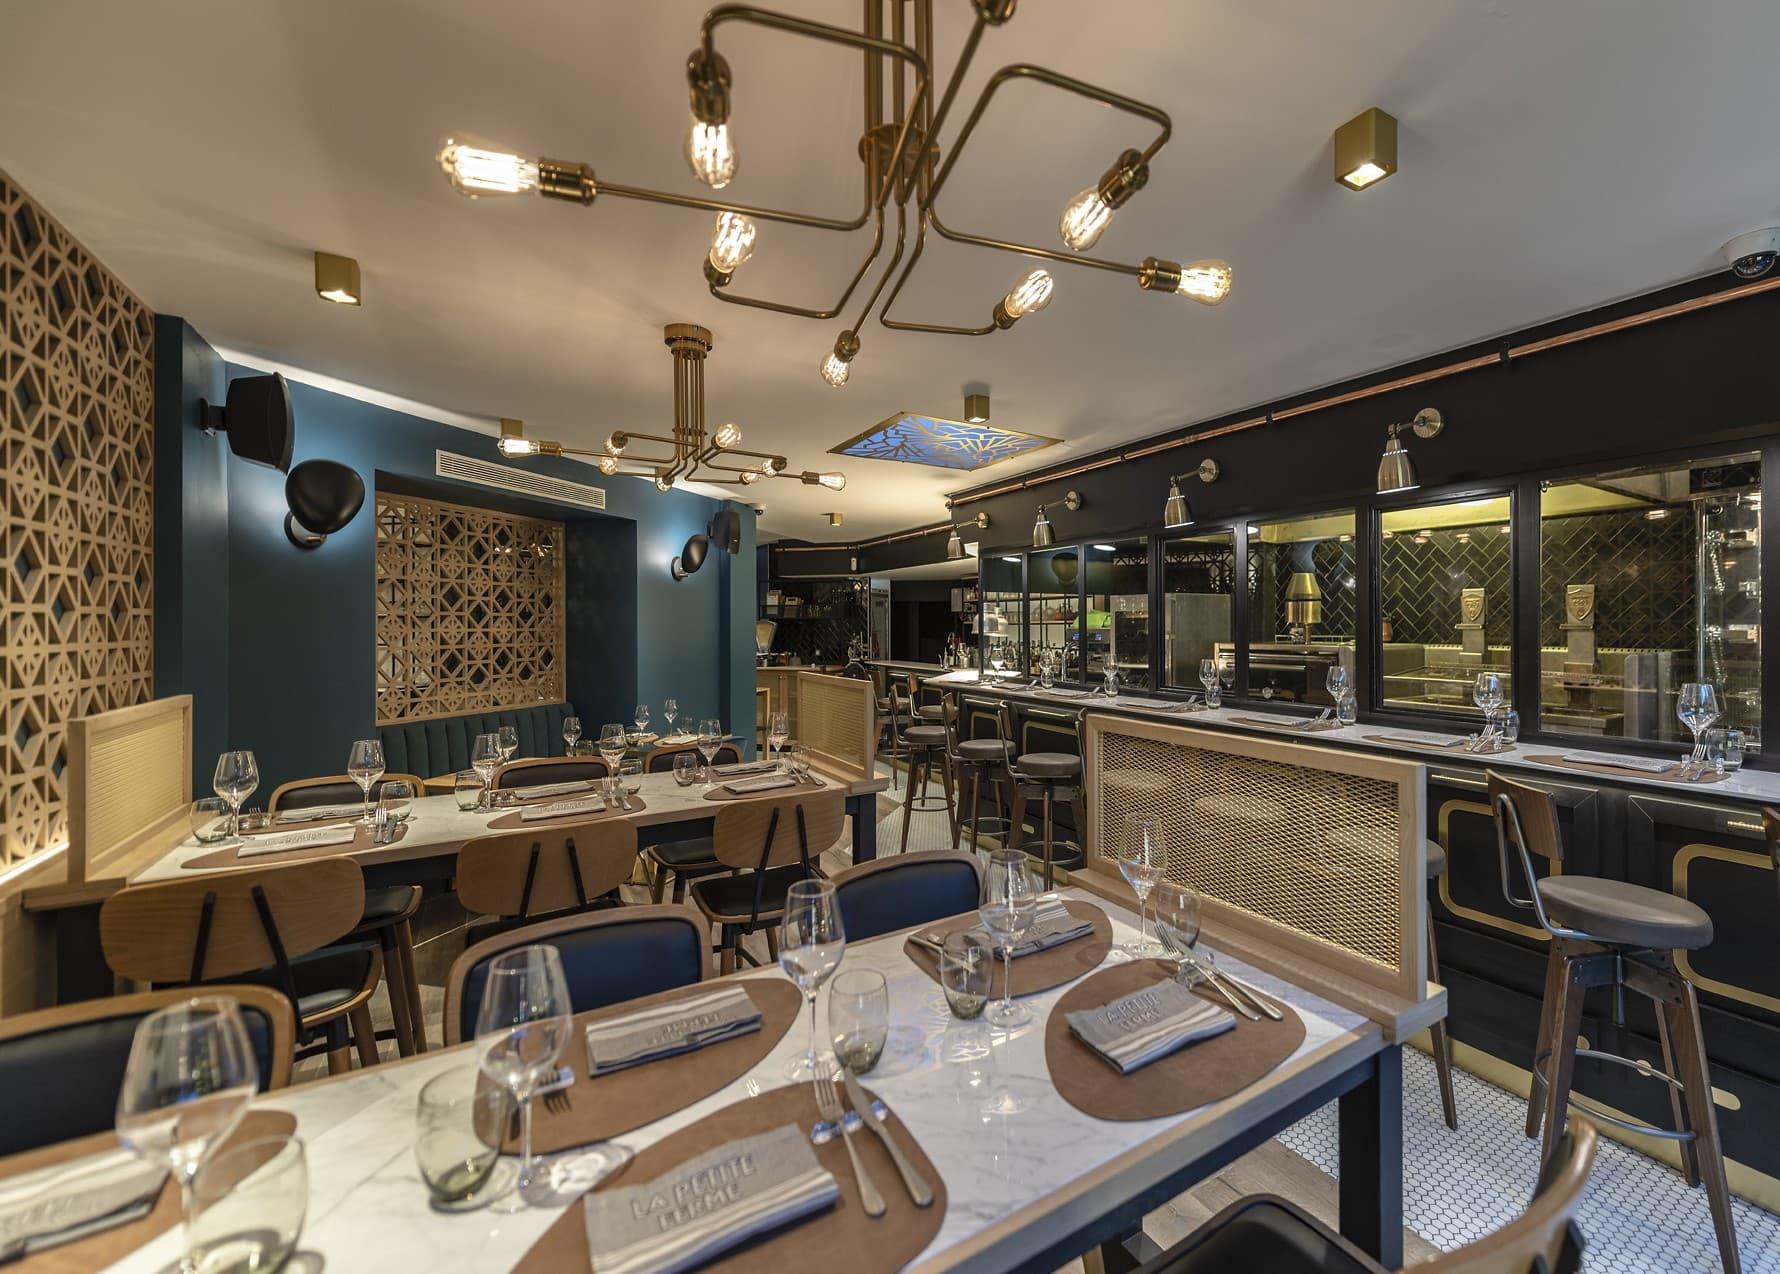 Suspension de type industriel avec ampoule apparente dans le restaurant La Petite Ferme